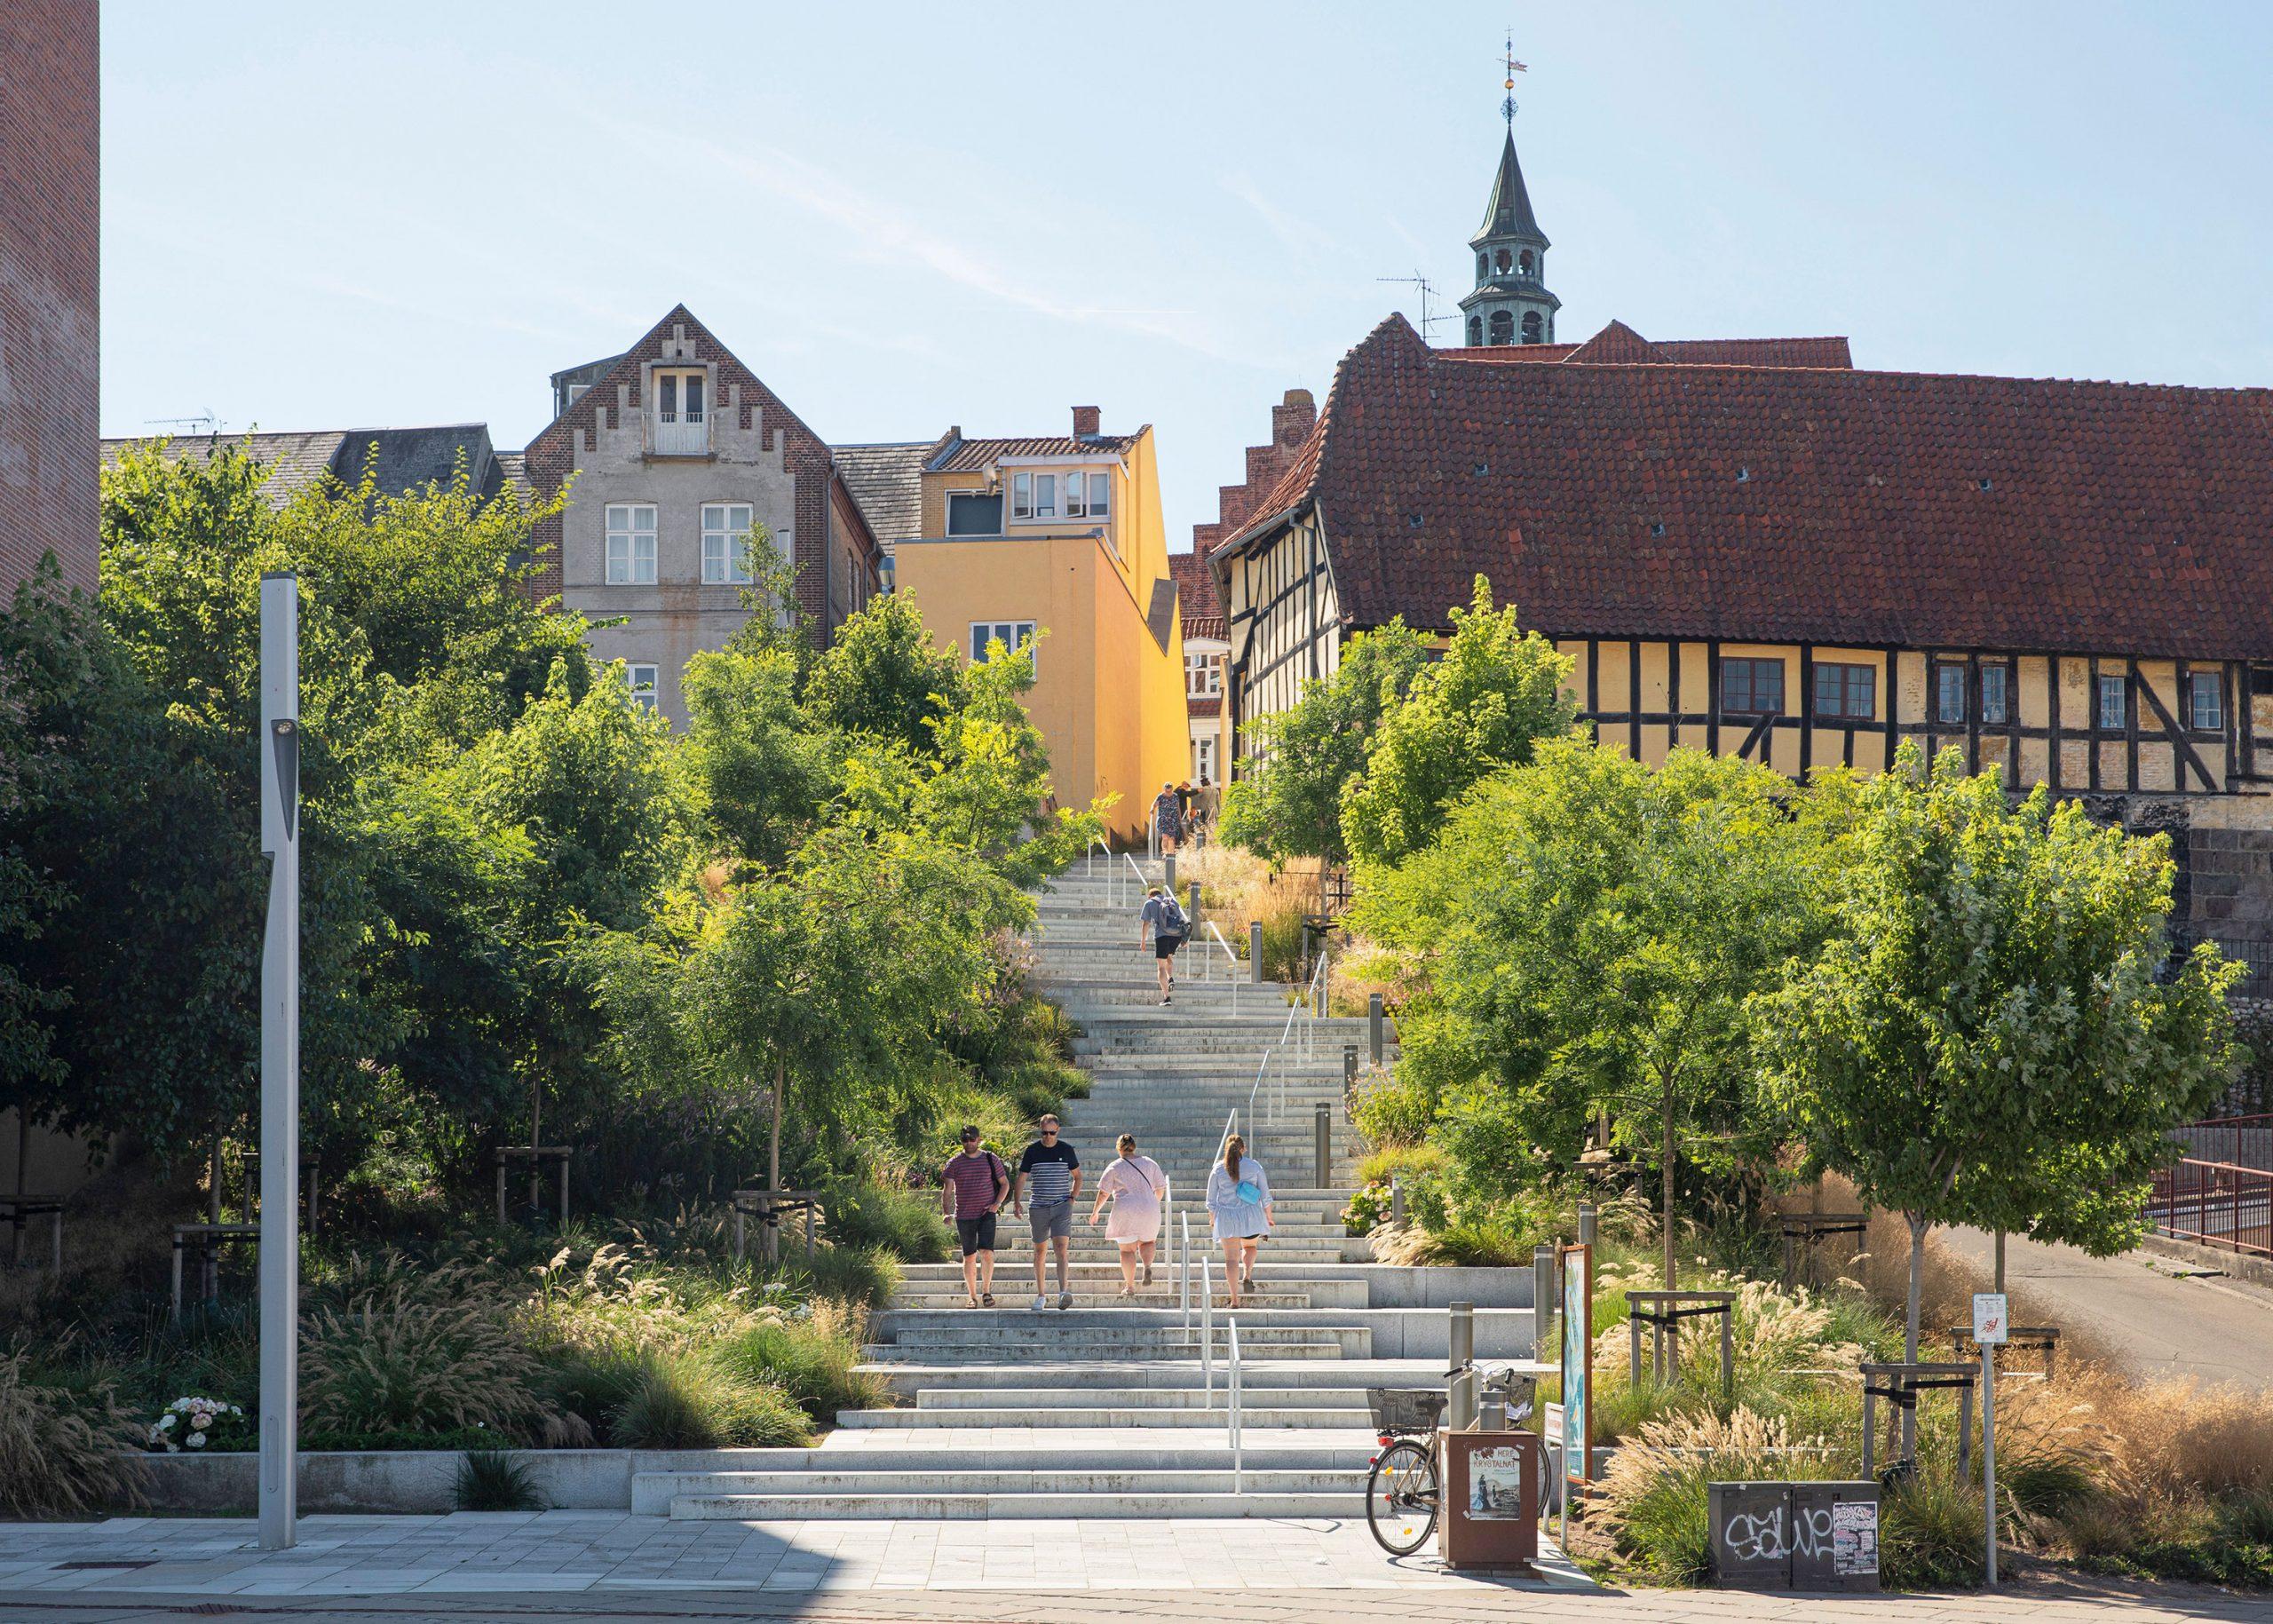 Havnetrappen Svendborg